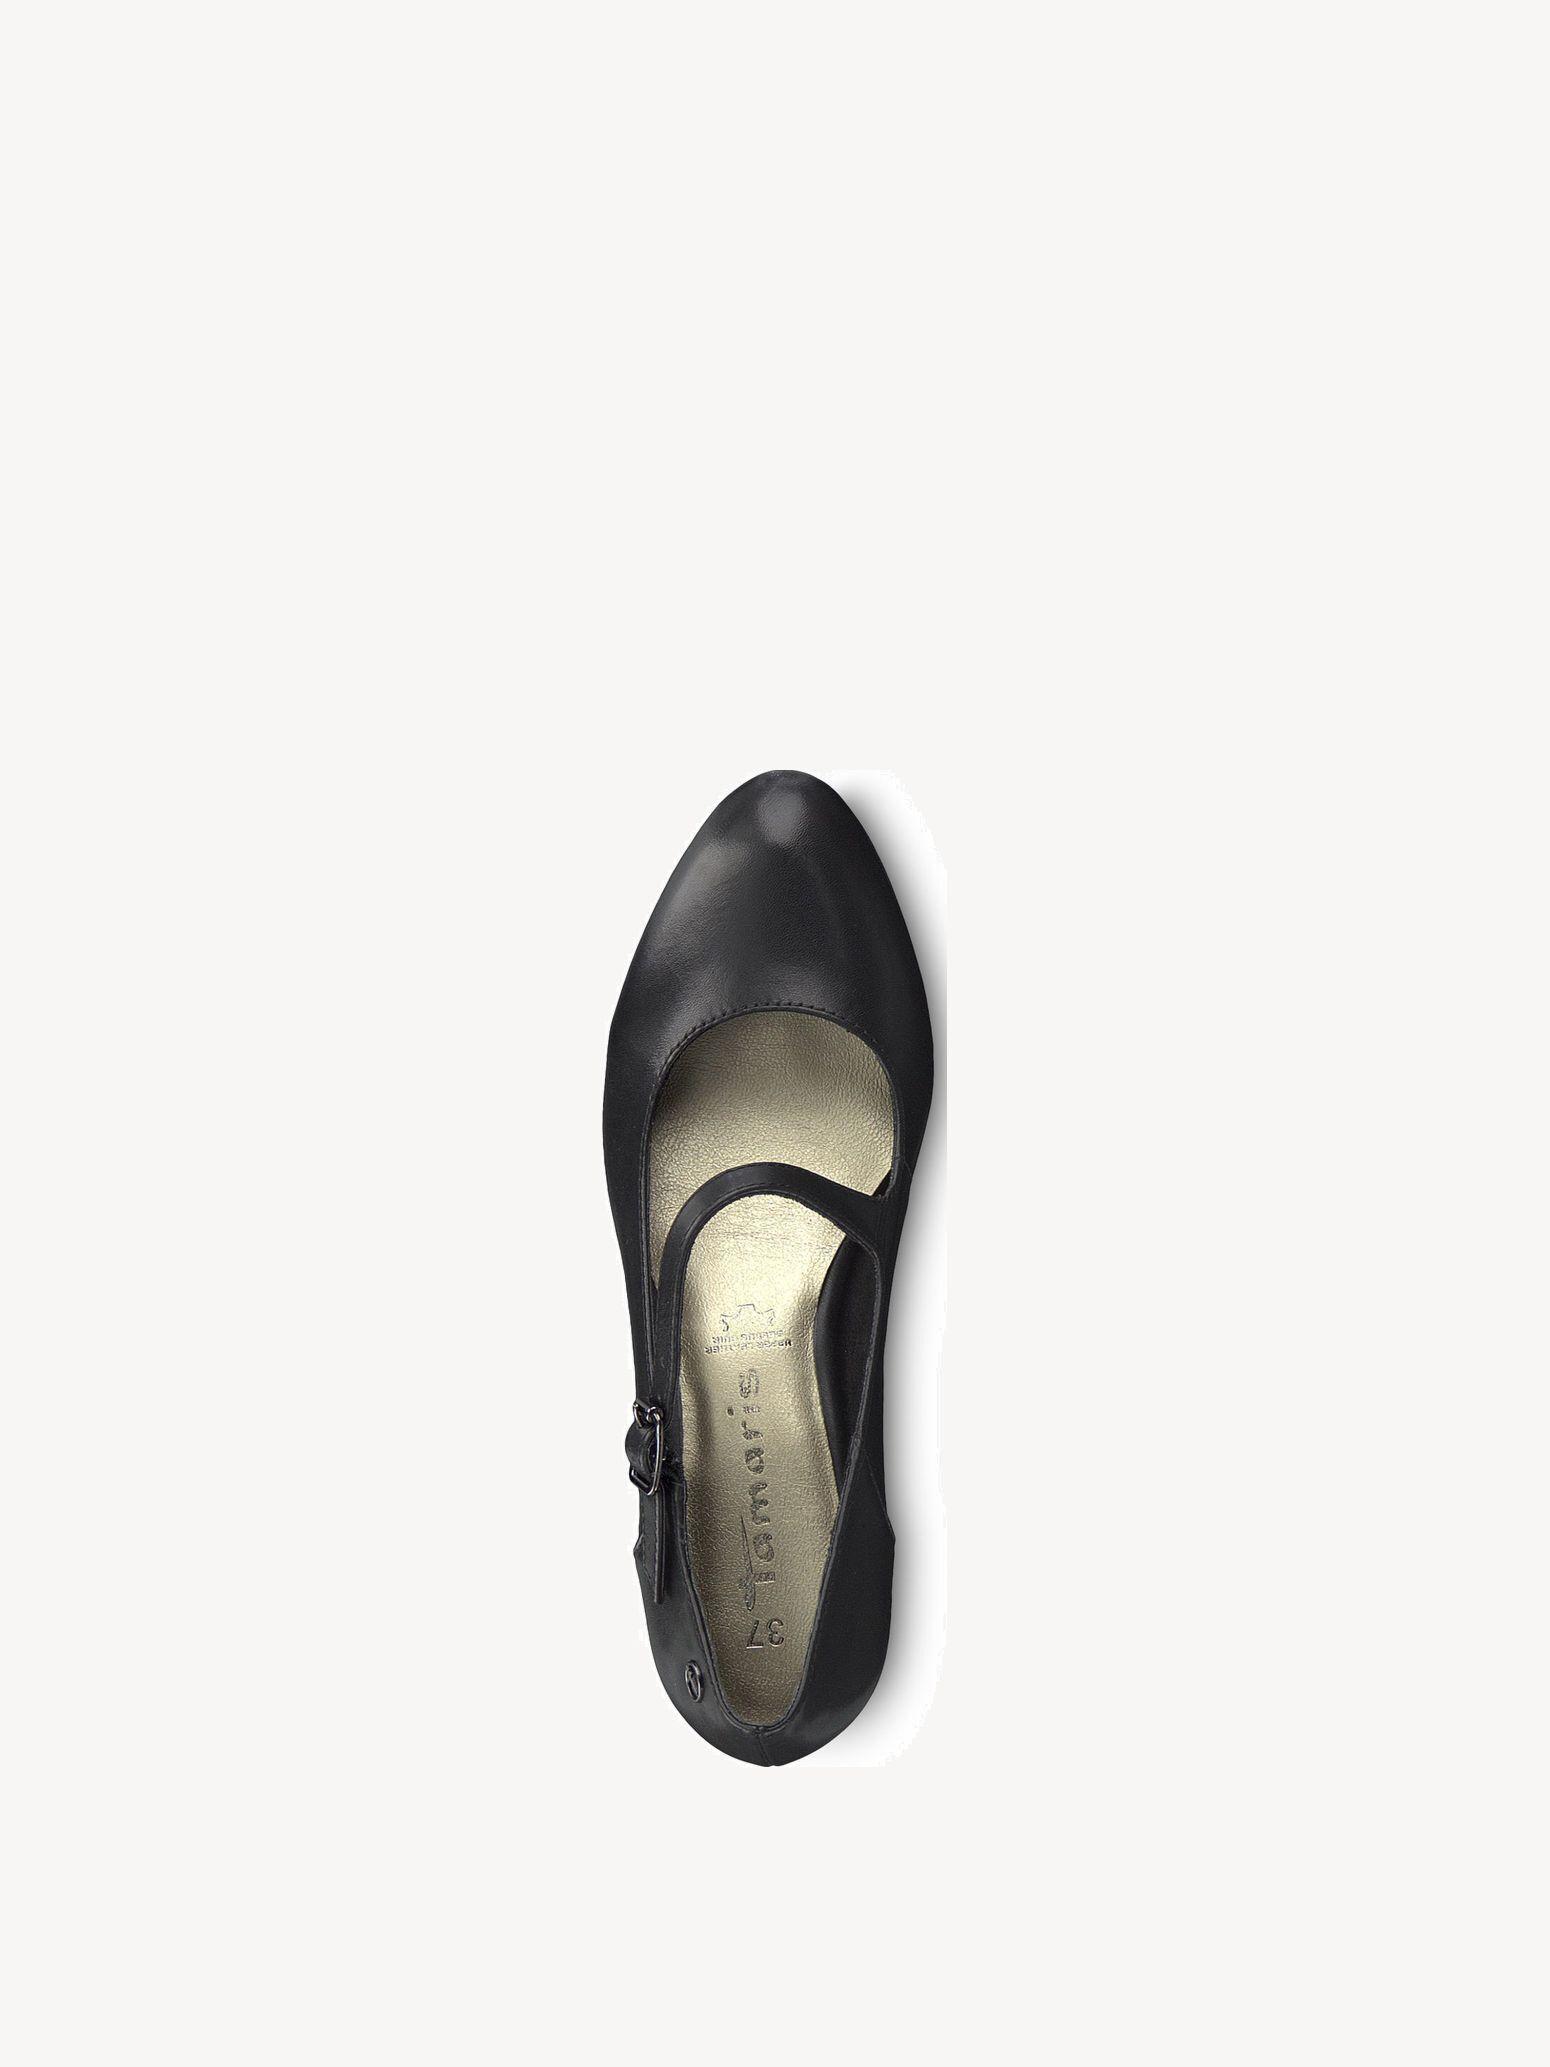 Tamaris Slipper Caxias 1 1 24402 21 003 schwarz | eBay